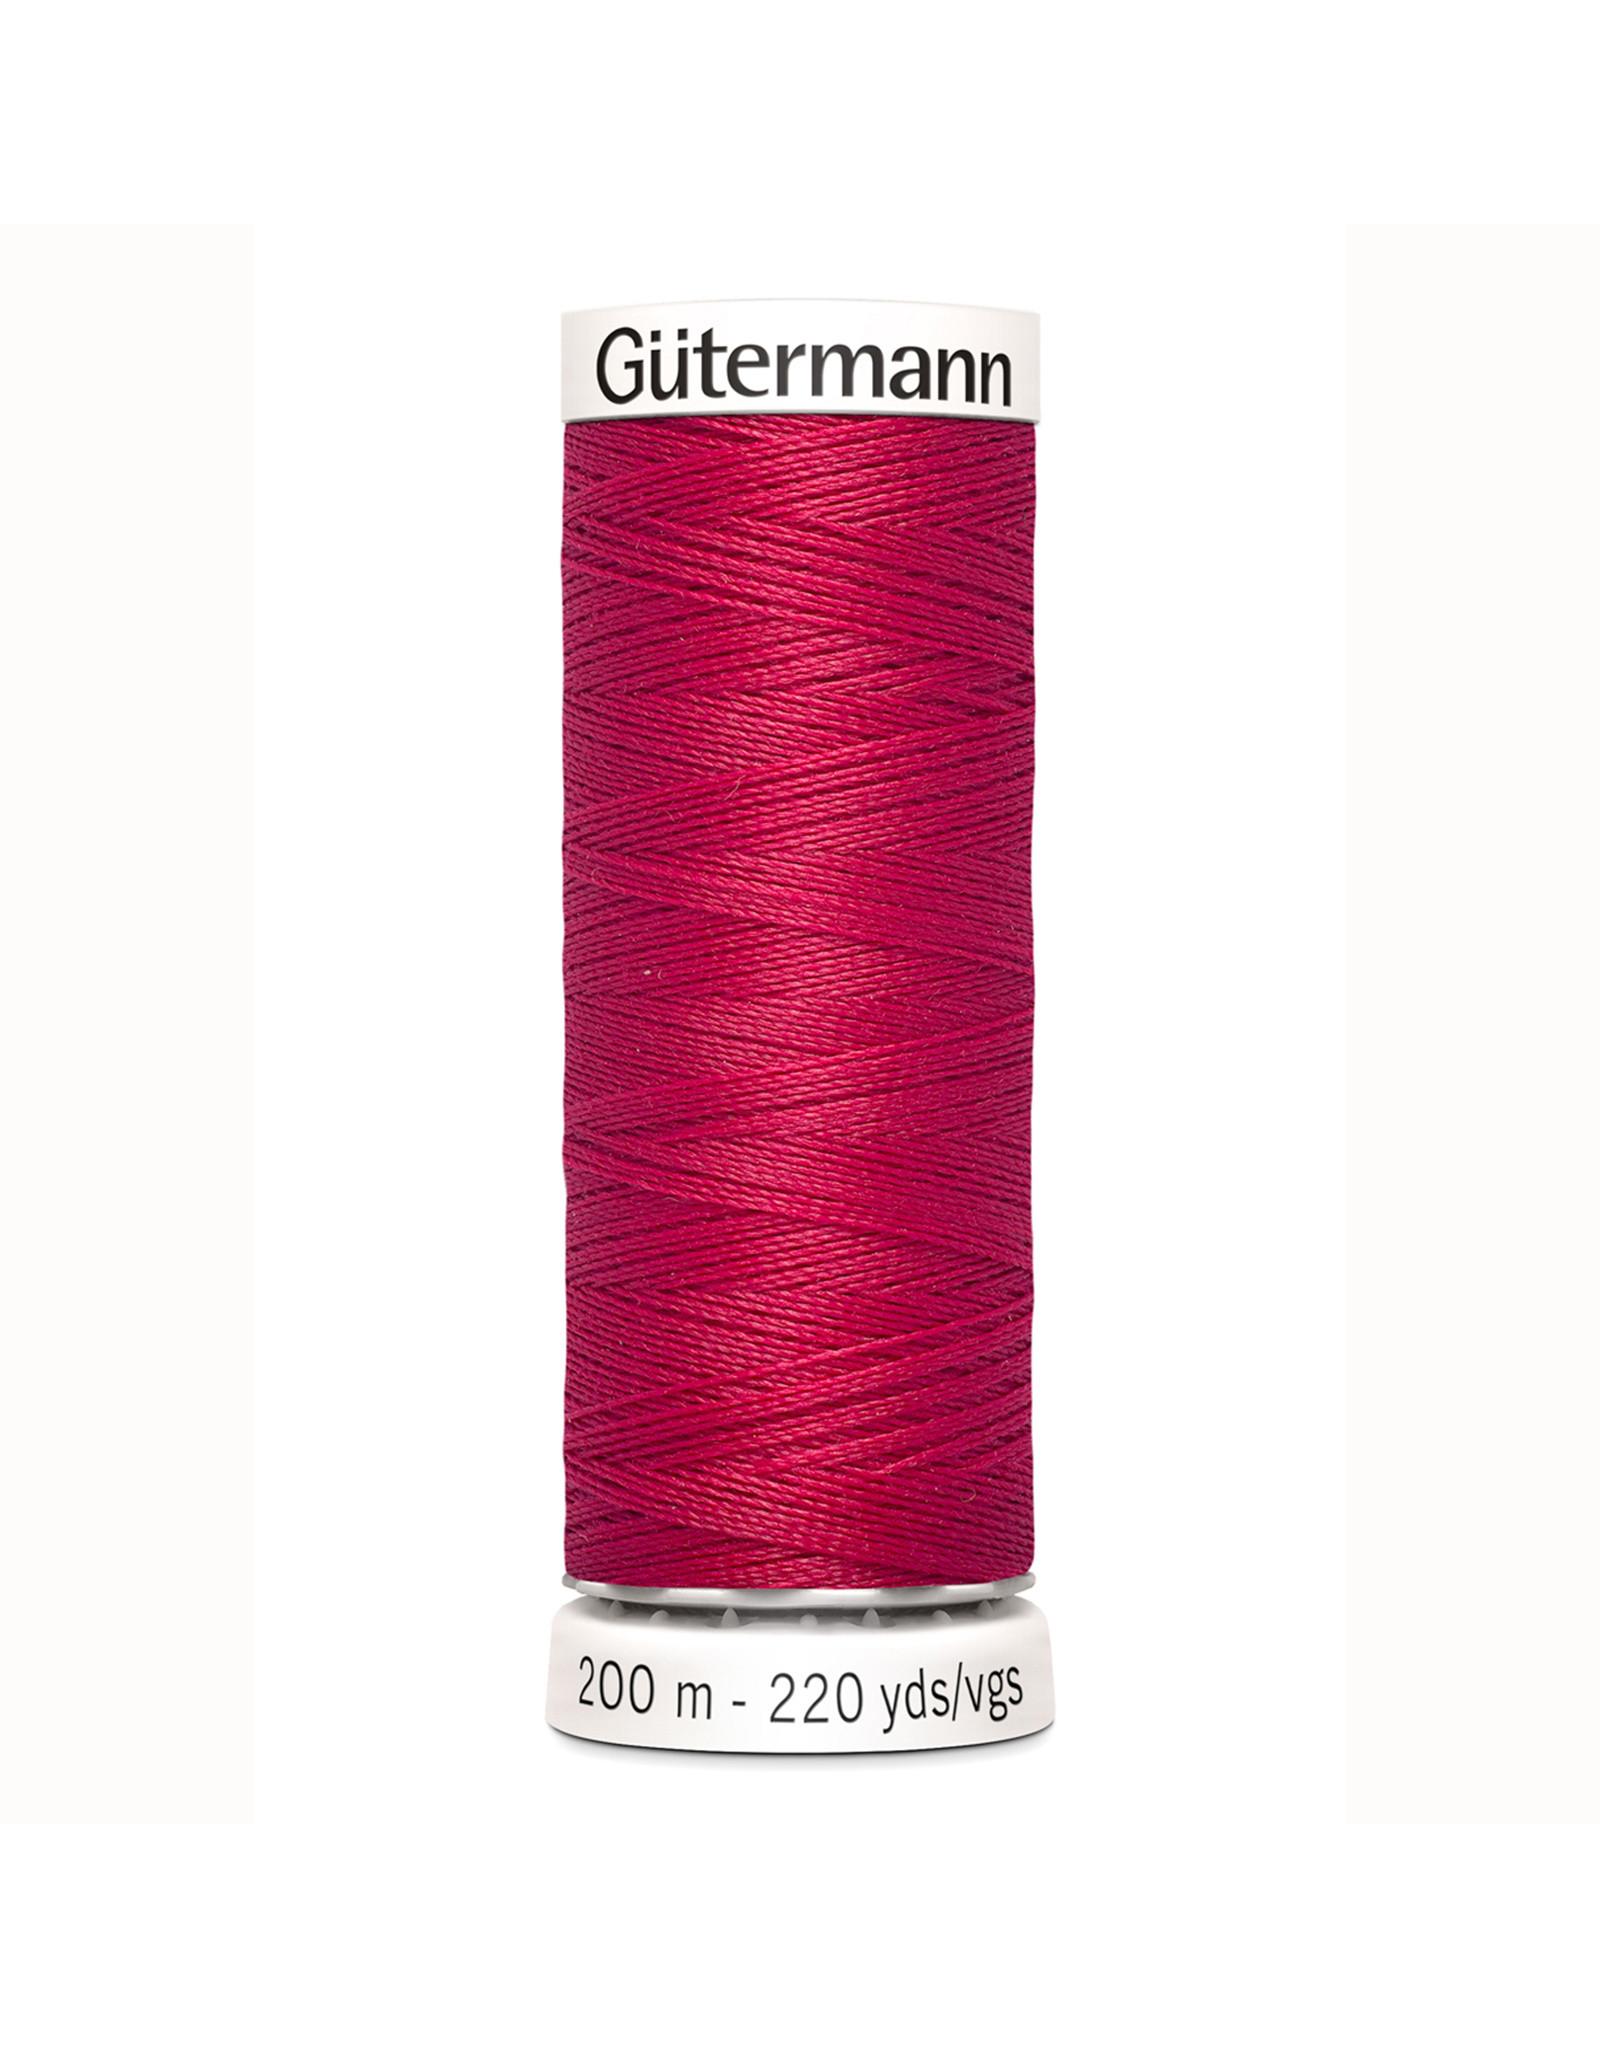 Gütermann Gütermann Nähgarn 200 m - nr 909